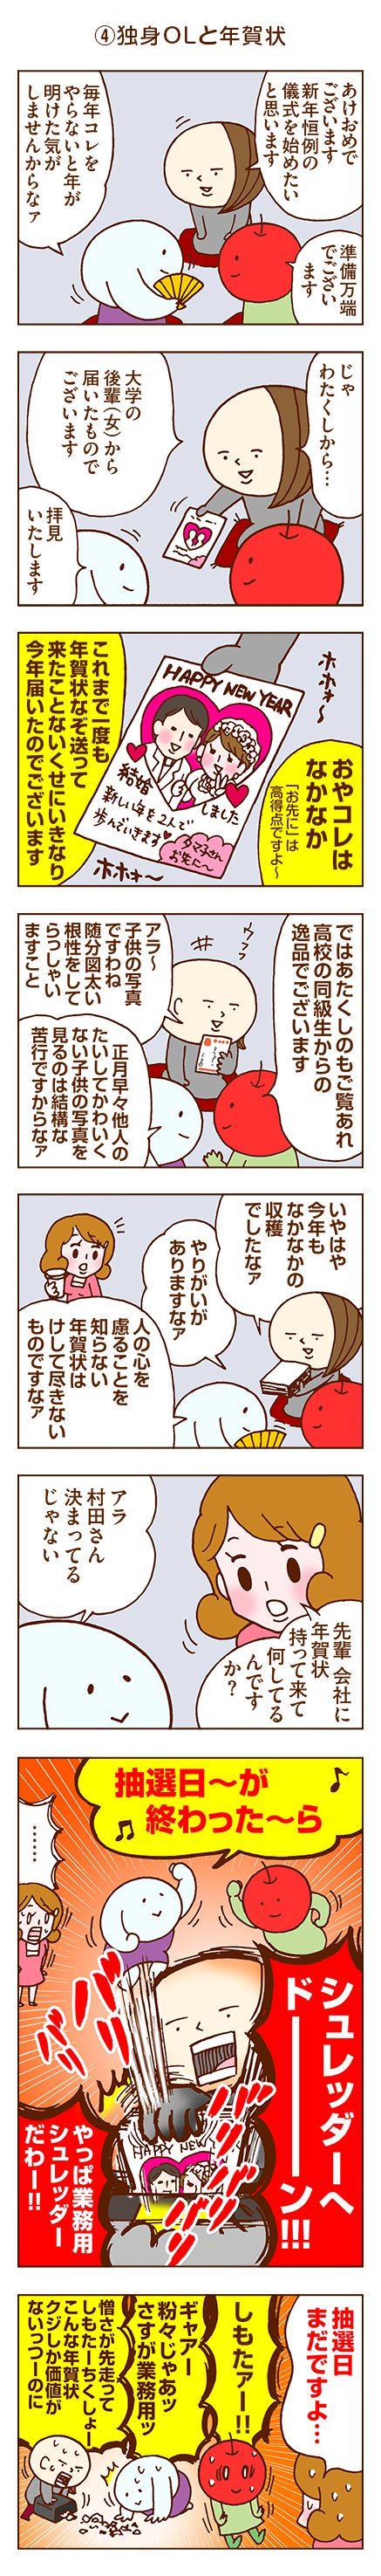 独身OLと年賀状sns_0035_08